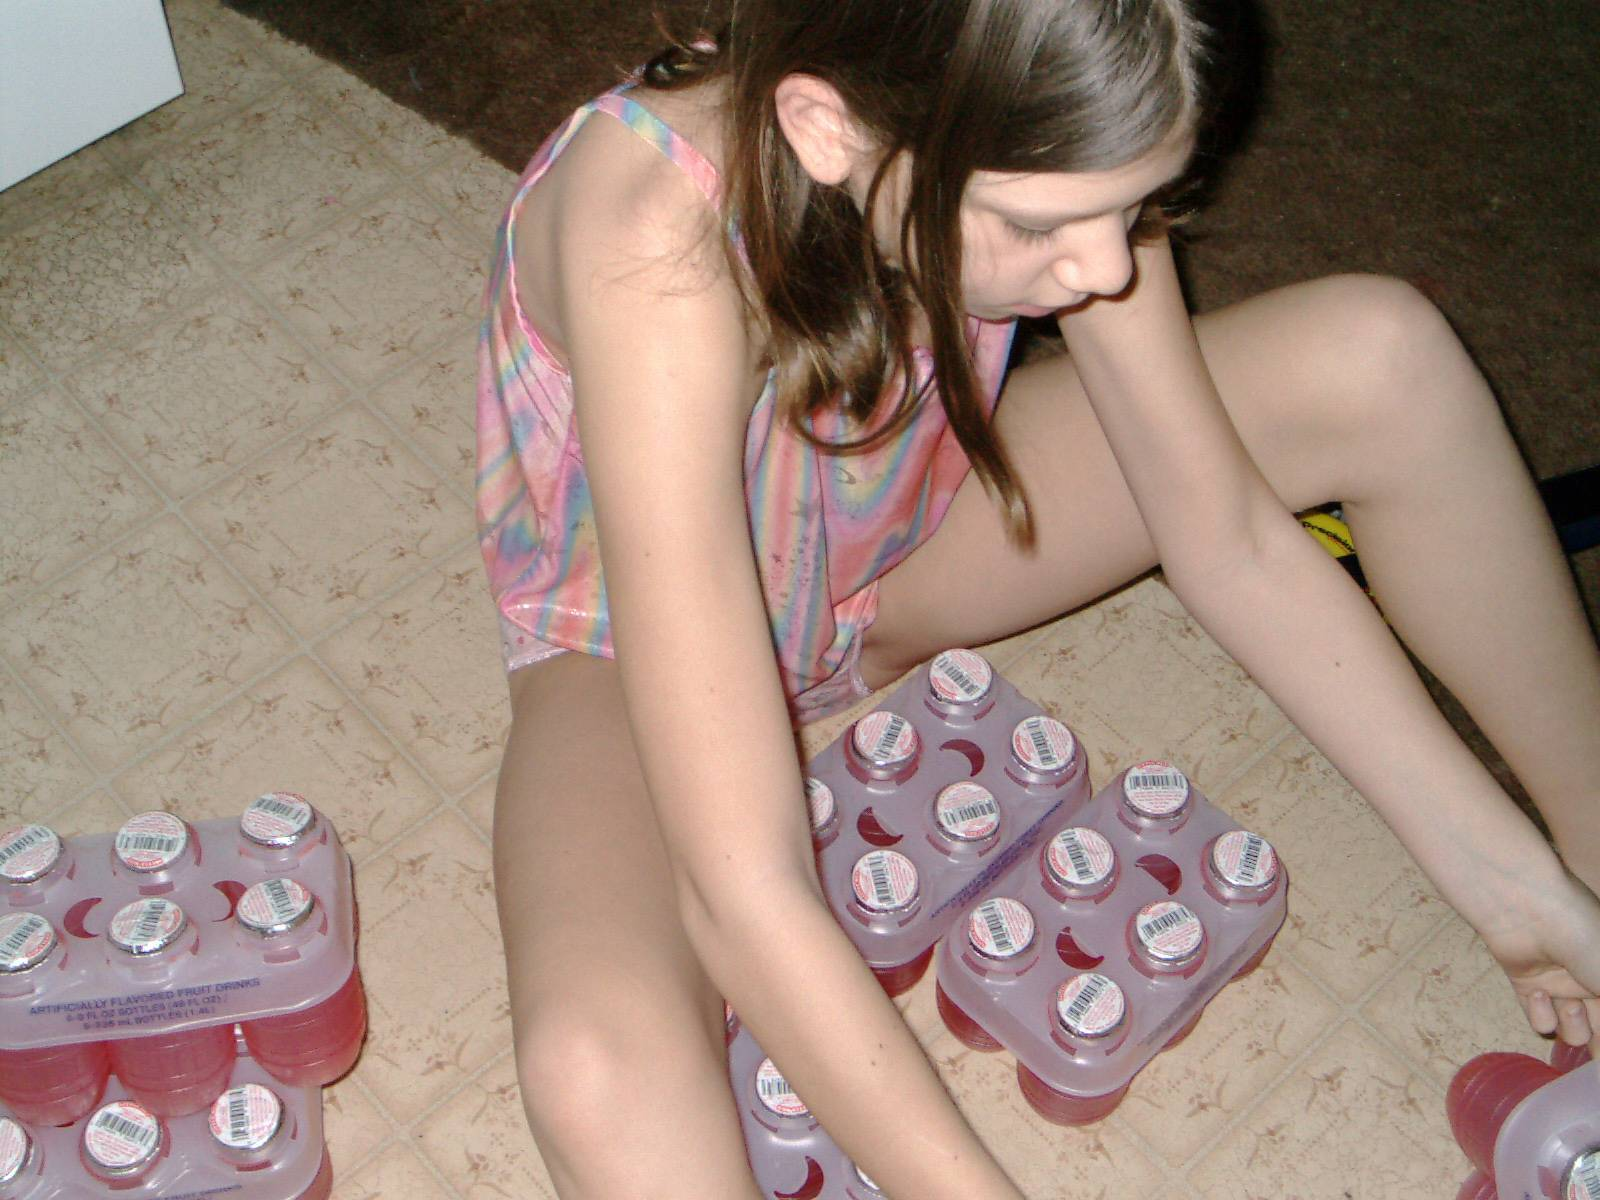 icdn ru girls Vk imgsrc nude